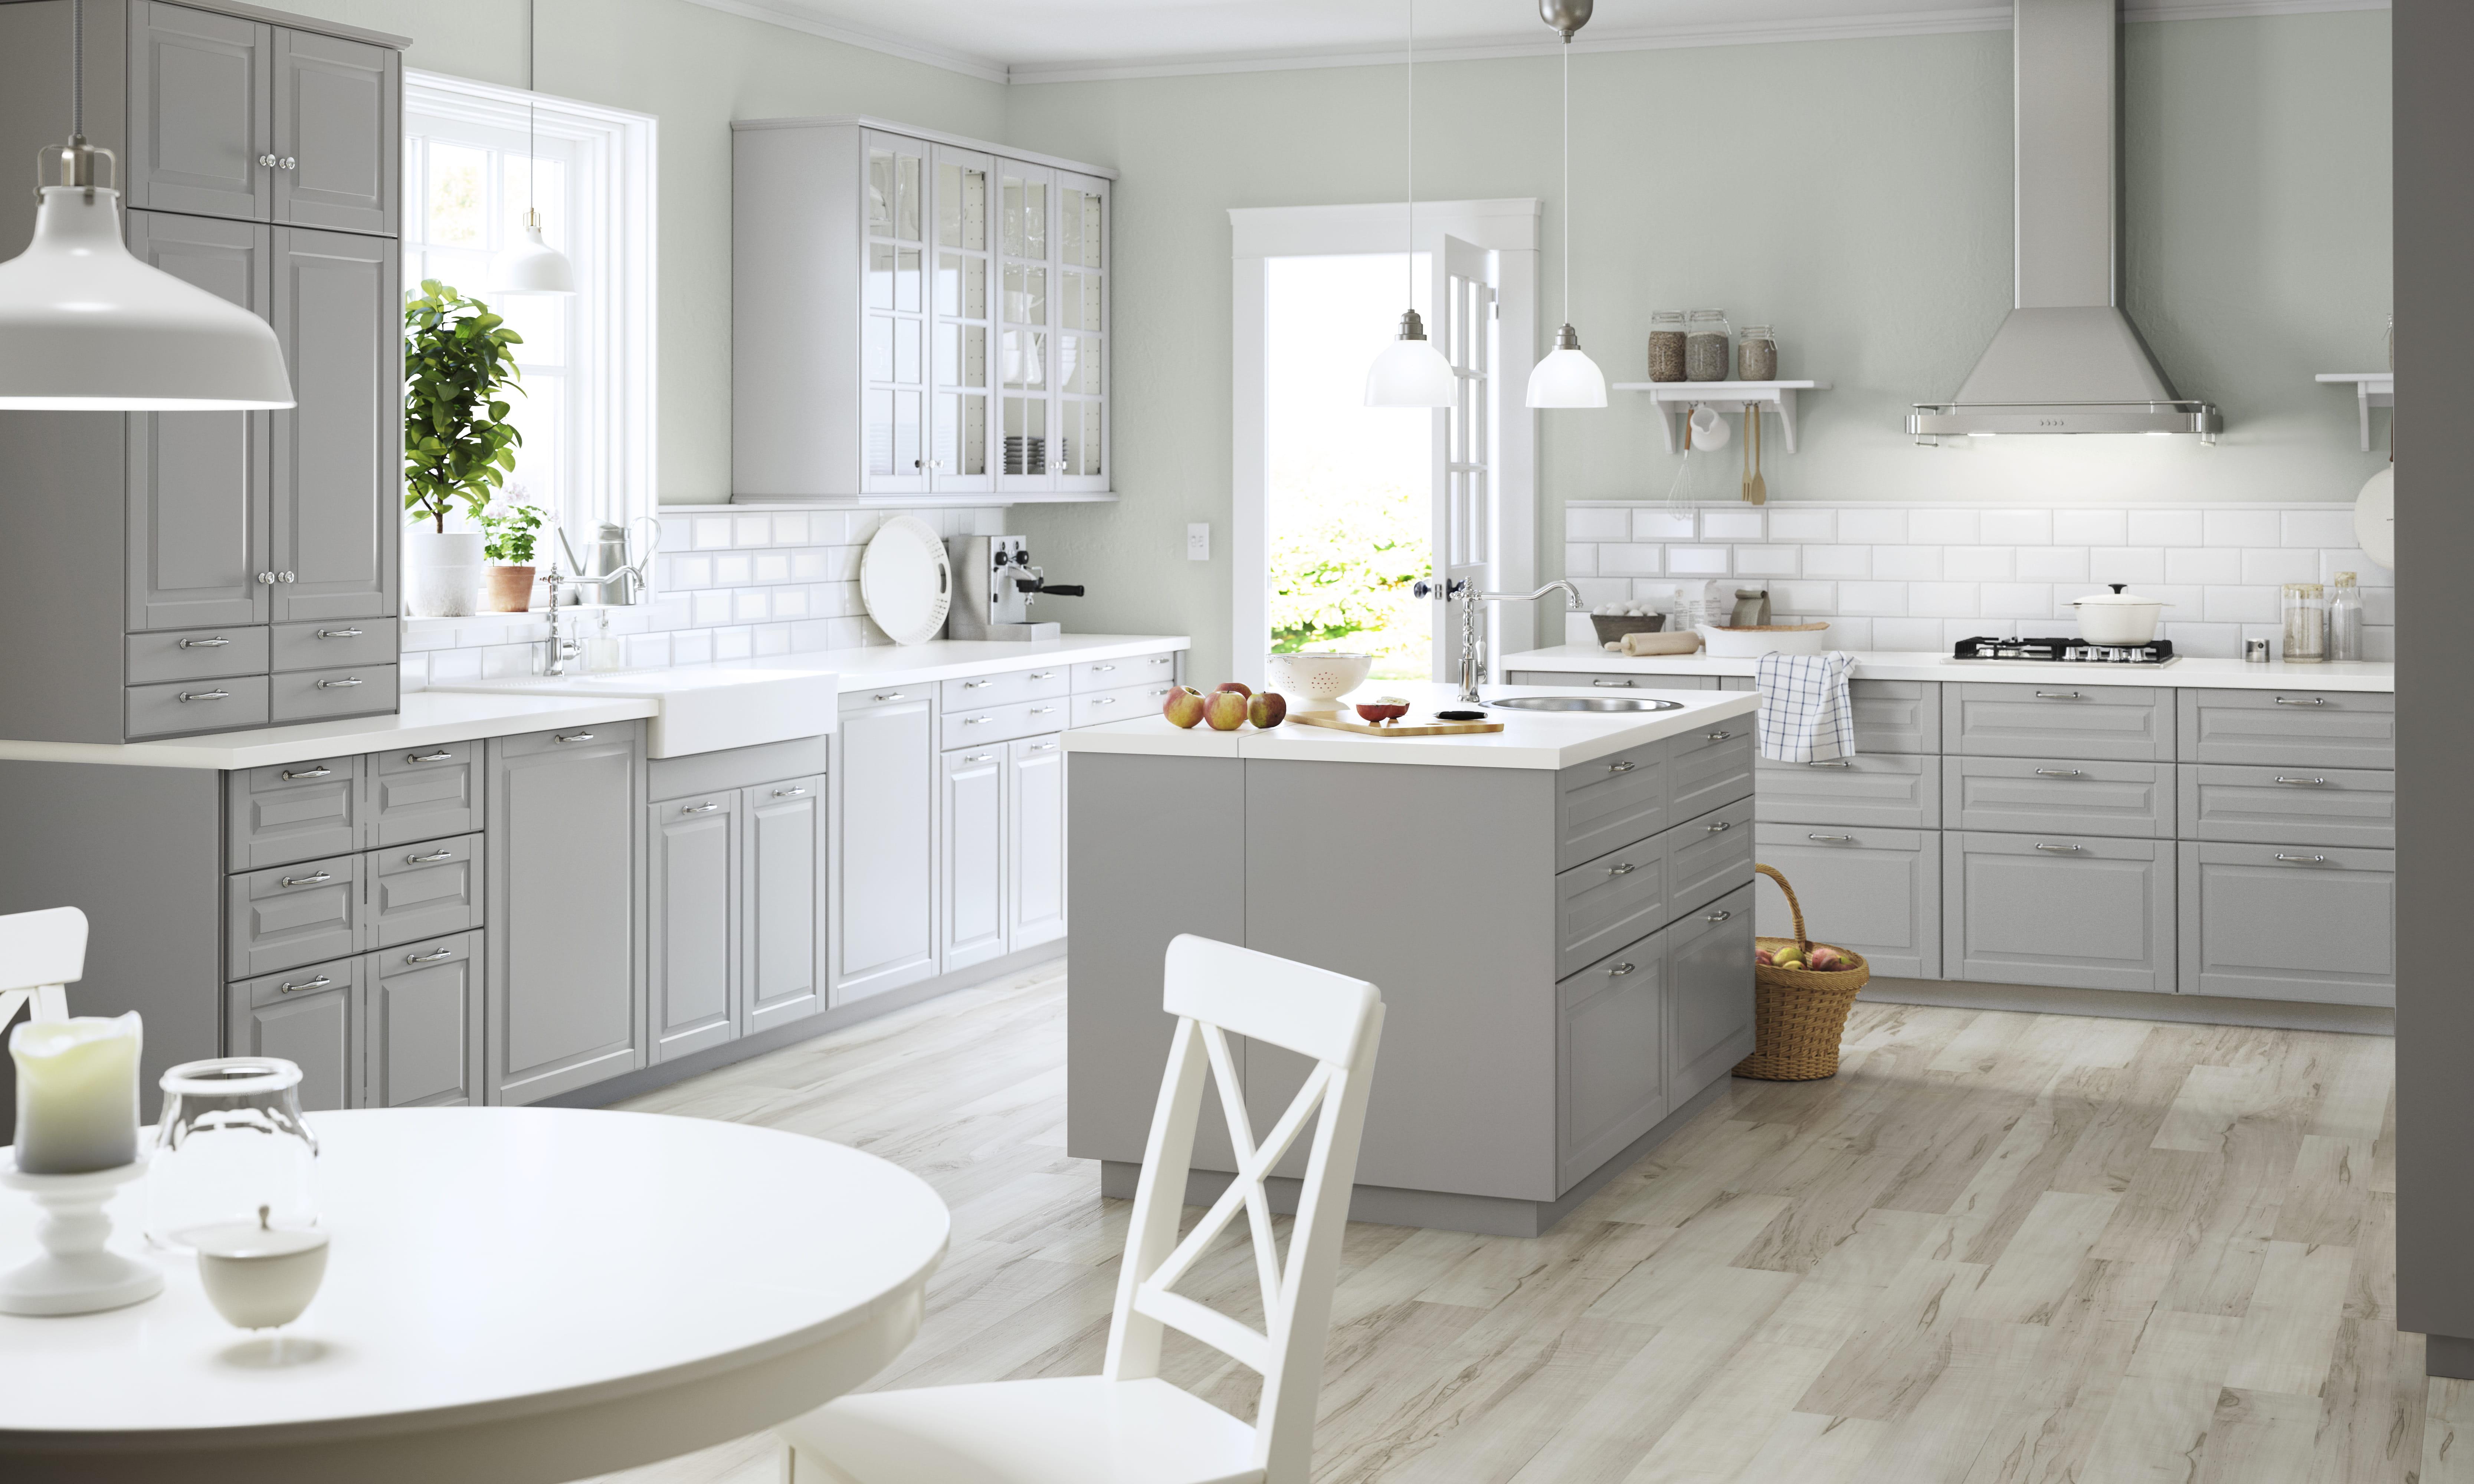 central Bodbyn dIKEA : Lîlot central de cuisine à la mode IKEA ...